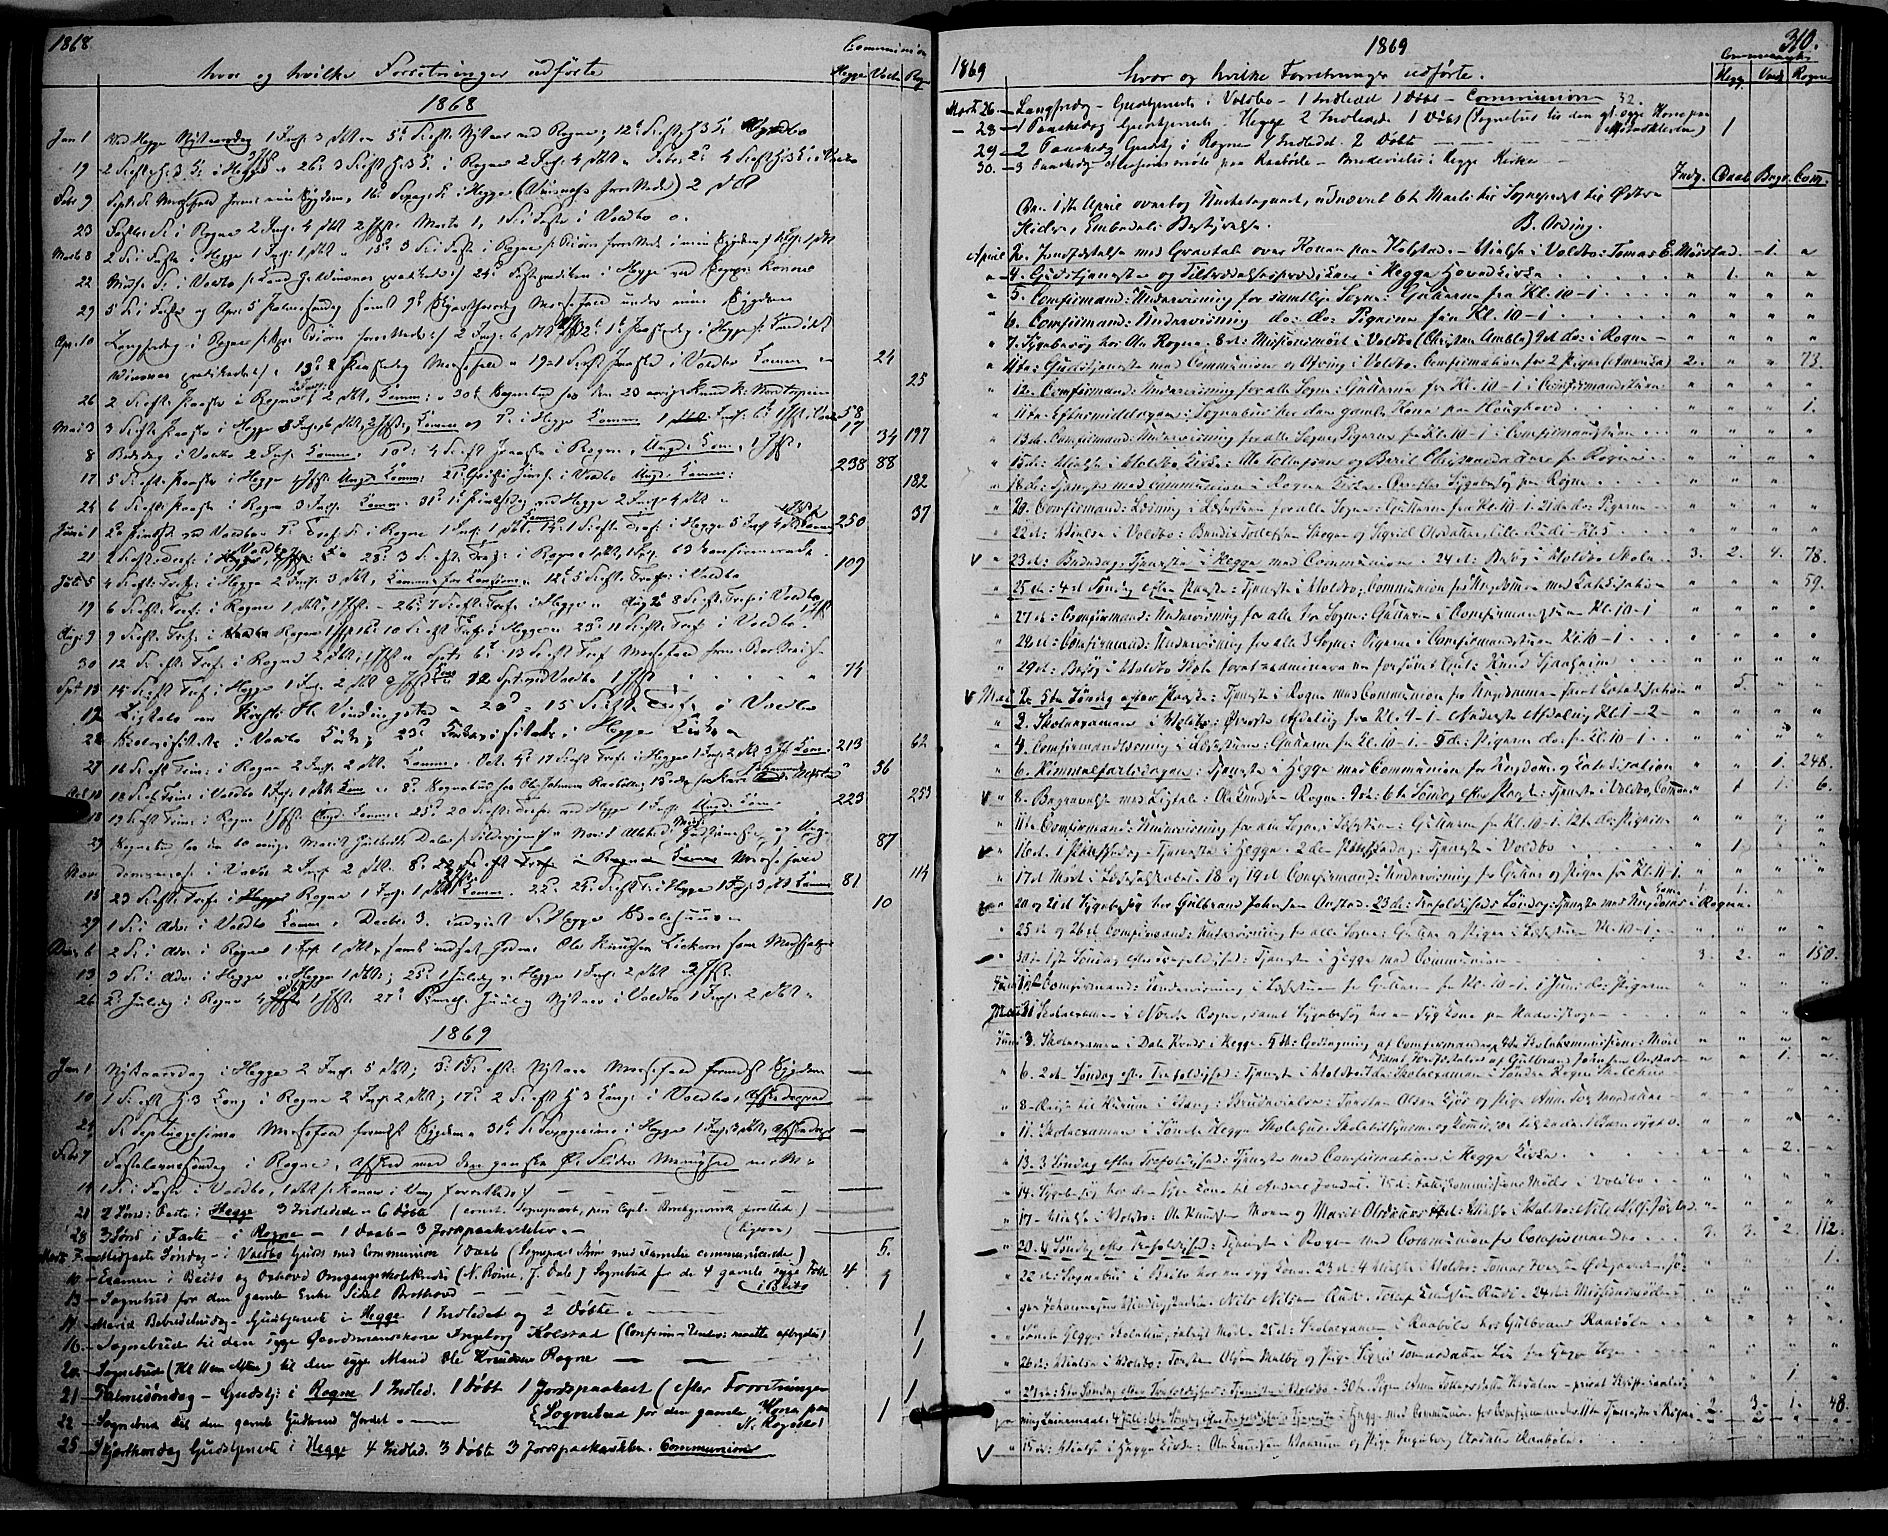 SAH, Øystre Slidre prestekontor, Ministerialbok nr. 1, 1849-1874, s. 310